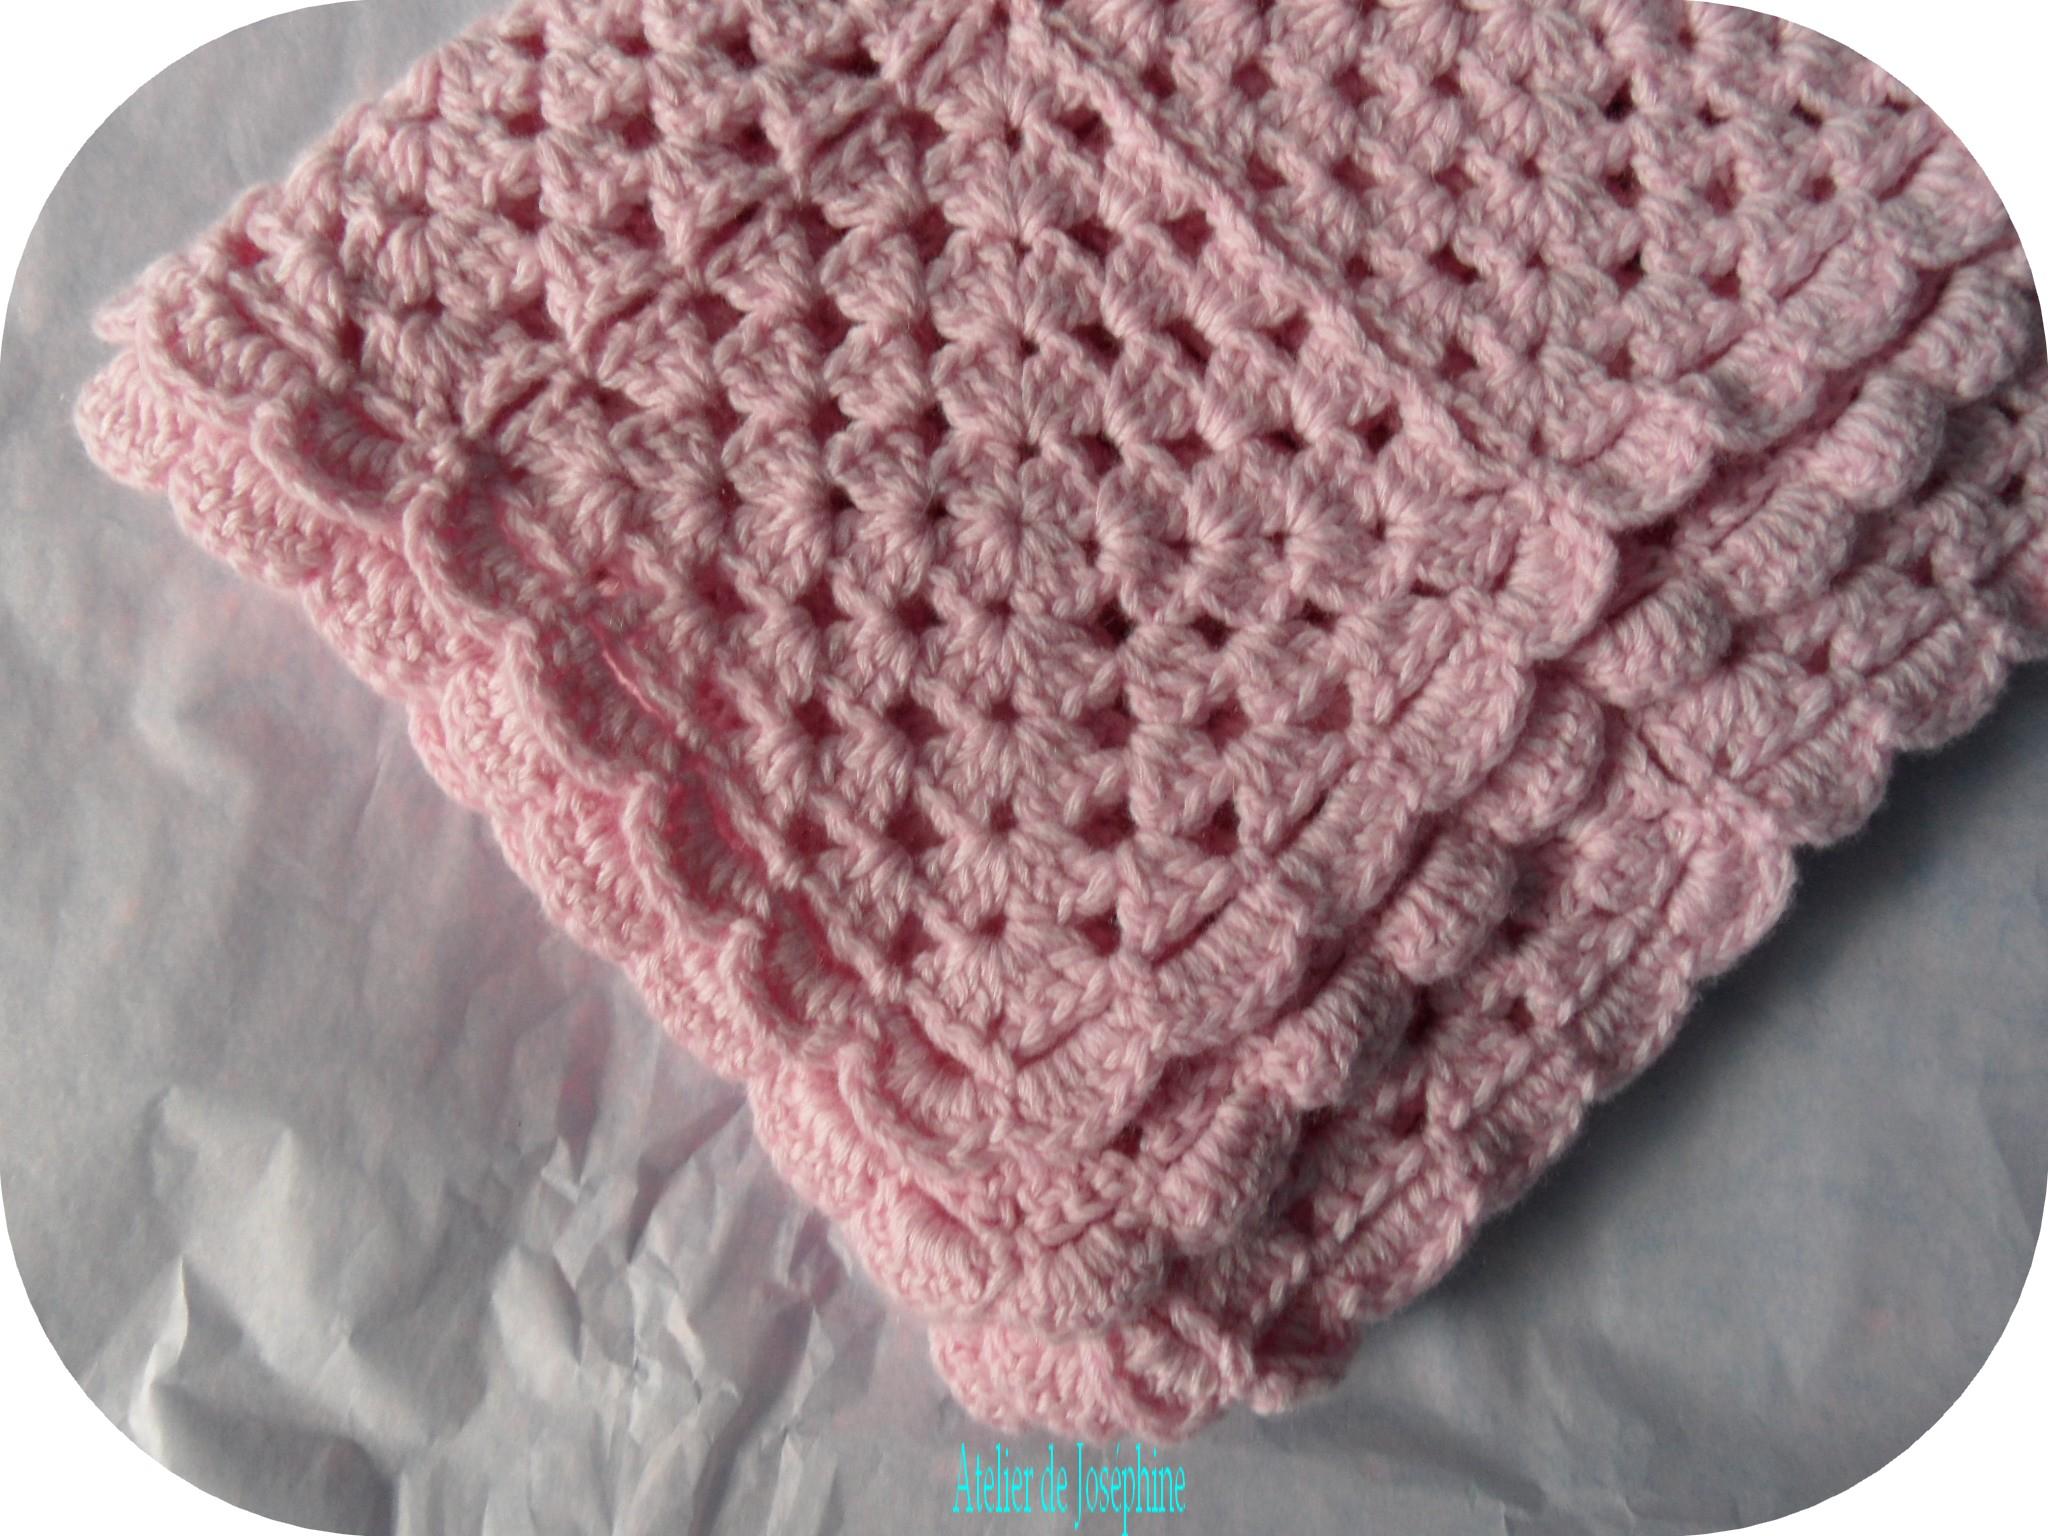 modele crochet couverture bebe 5. Black Bedroom Furniture Sets. Home Design Ideas